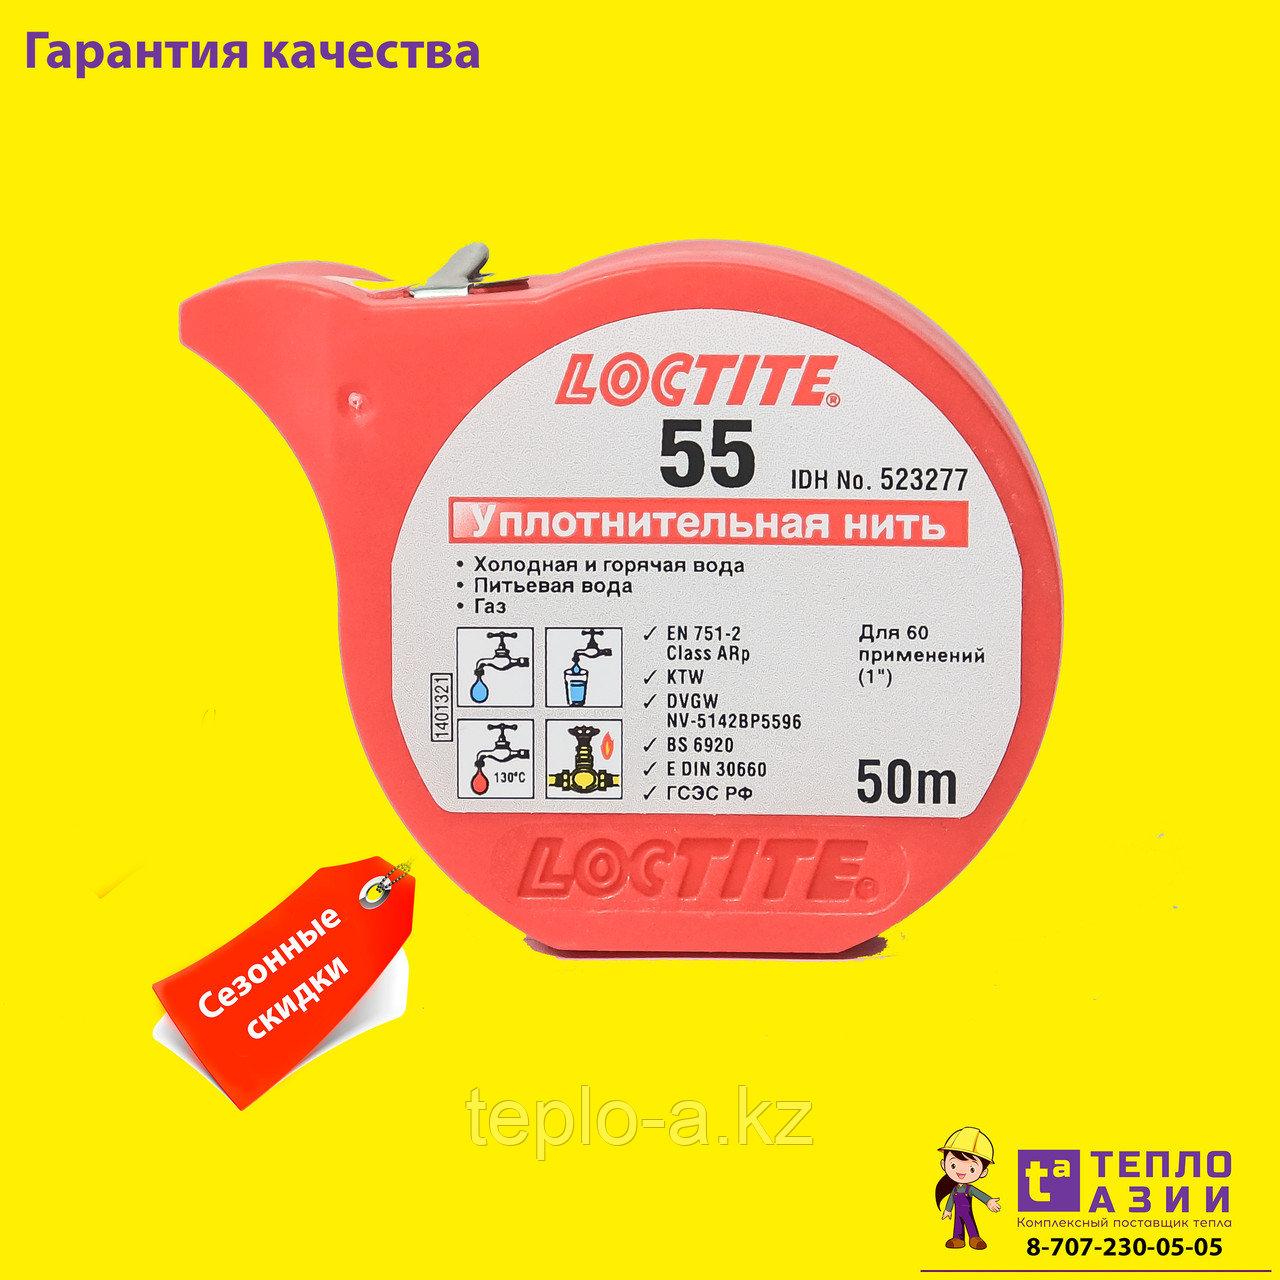 LOCTITE-55 50м